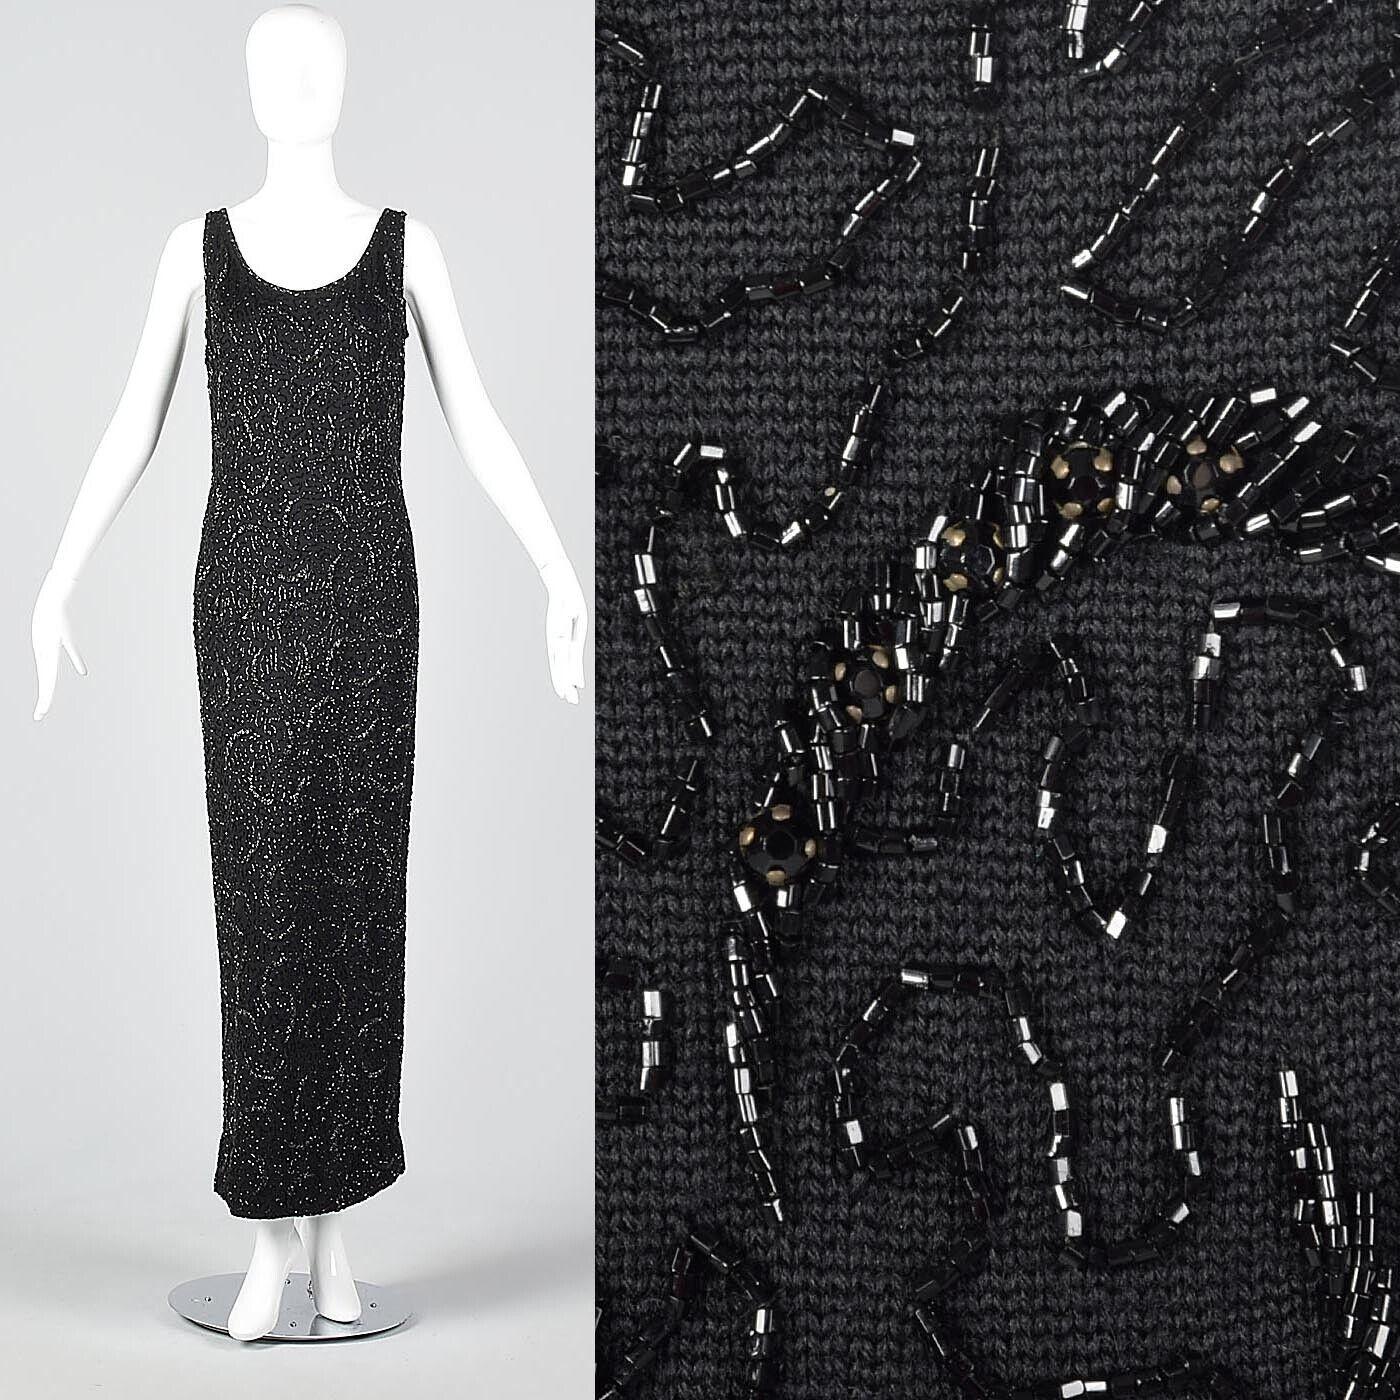 M/L 1960s Dress Black Wool Knit Beaded Maxi Dress LBD Sexy Cocktail 60s VTG